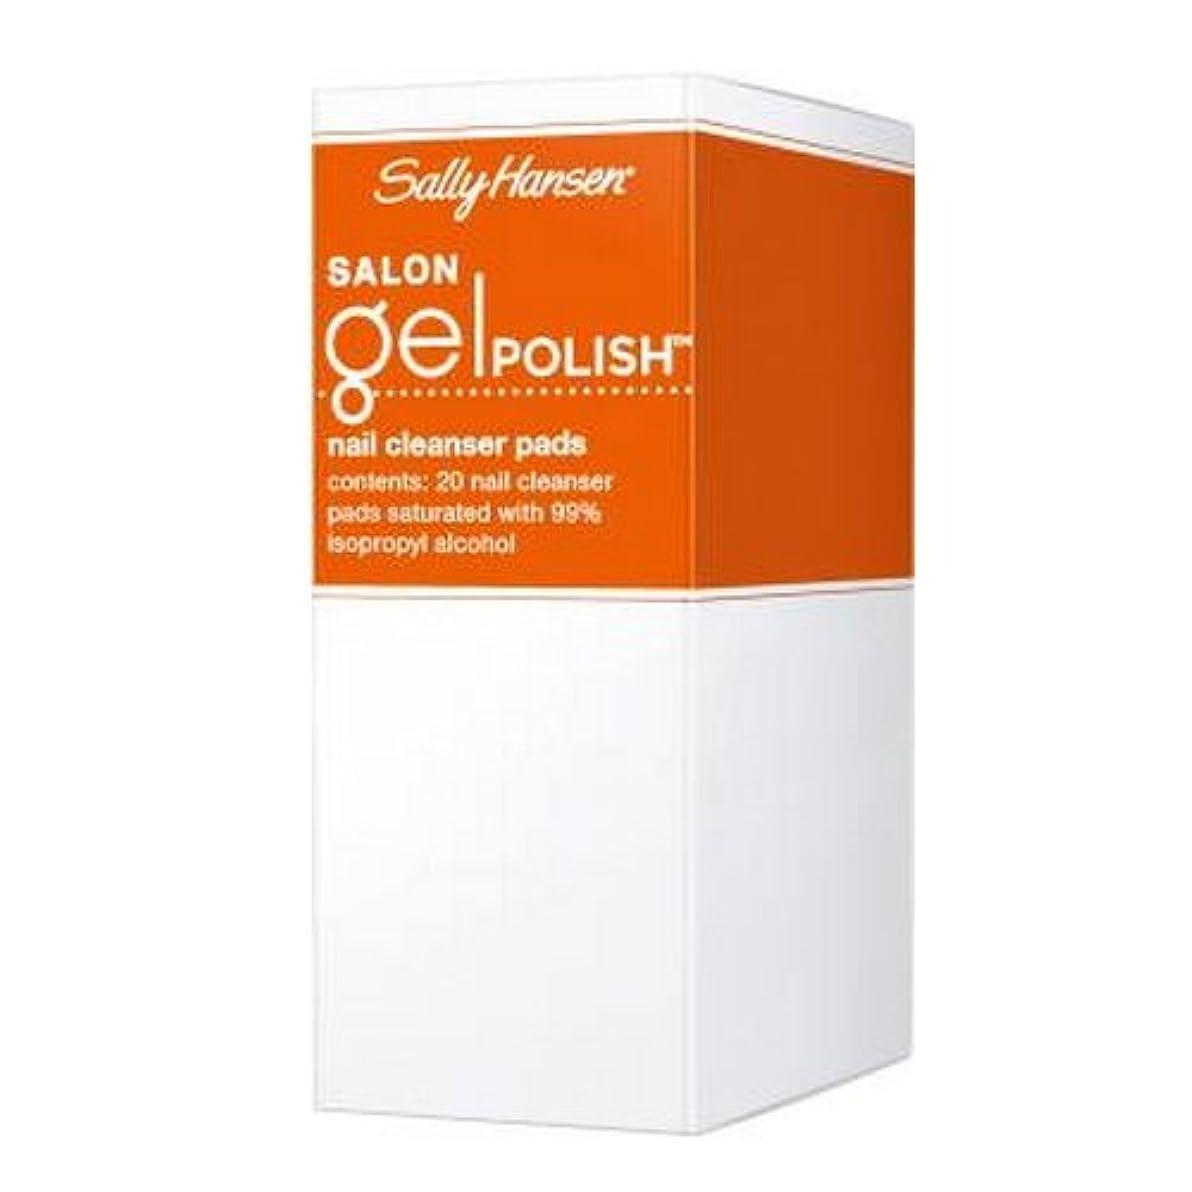 超えるステープル注釈(6 Pack) SALLY HANSEN Salon Gel Polish Nail Cleanser Pads - Gel Polish Cleanser Pads (並行輸入品)